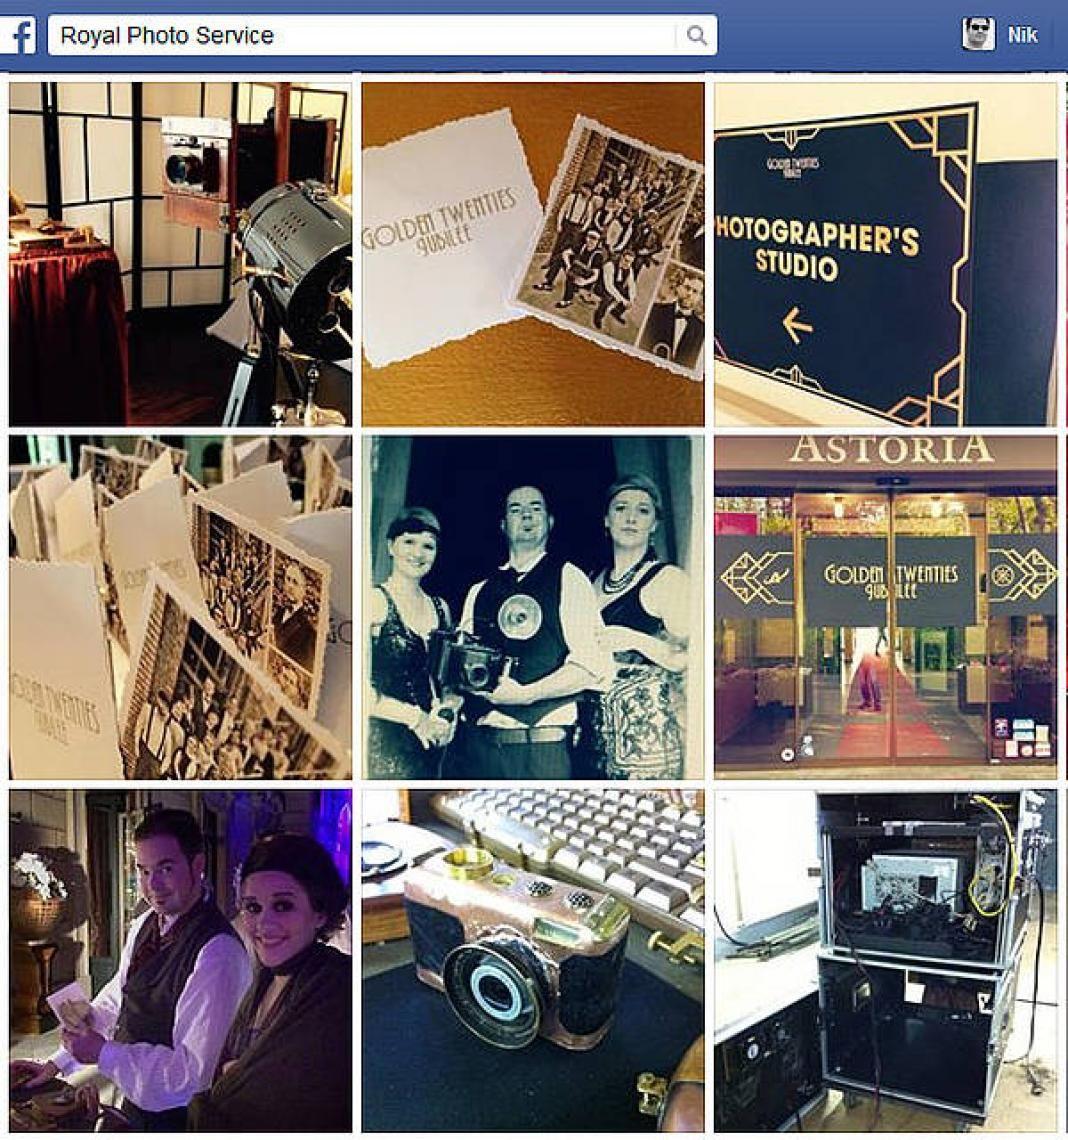 News auf Facebook Alle unsere Infos zu unseren Eventaktionen im 20er Jahre-Stil finden Sie auf unserer Facebook-Seite: www.facebook.com/historischefotografie. Auch allerlei lustige Selfies und Schnappschüsse unserer Künstler tauchen hier auf...